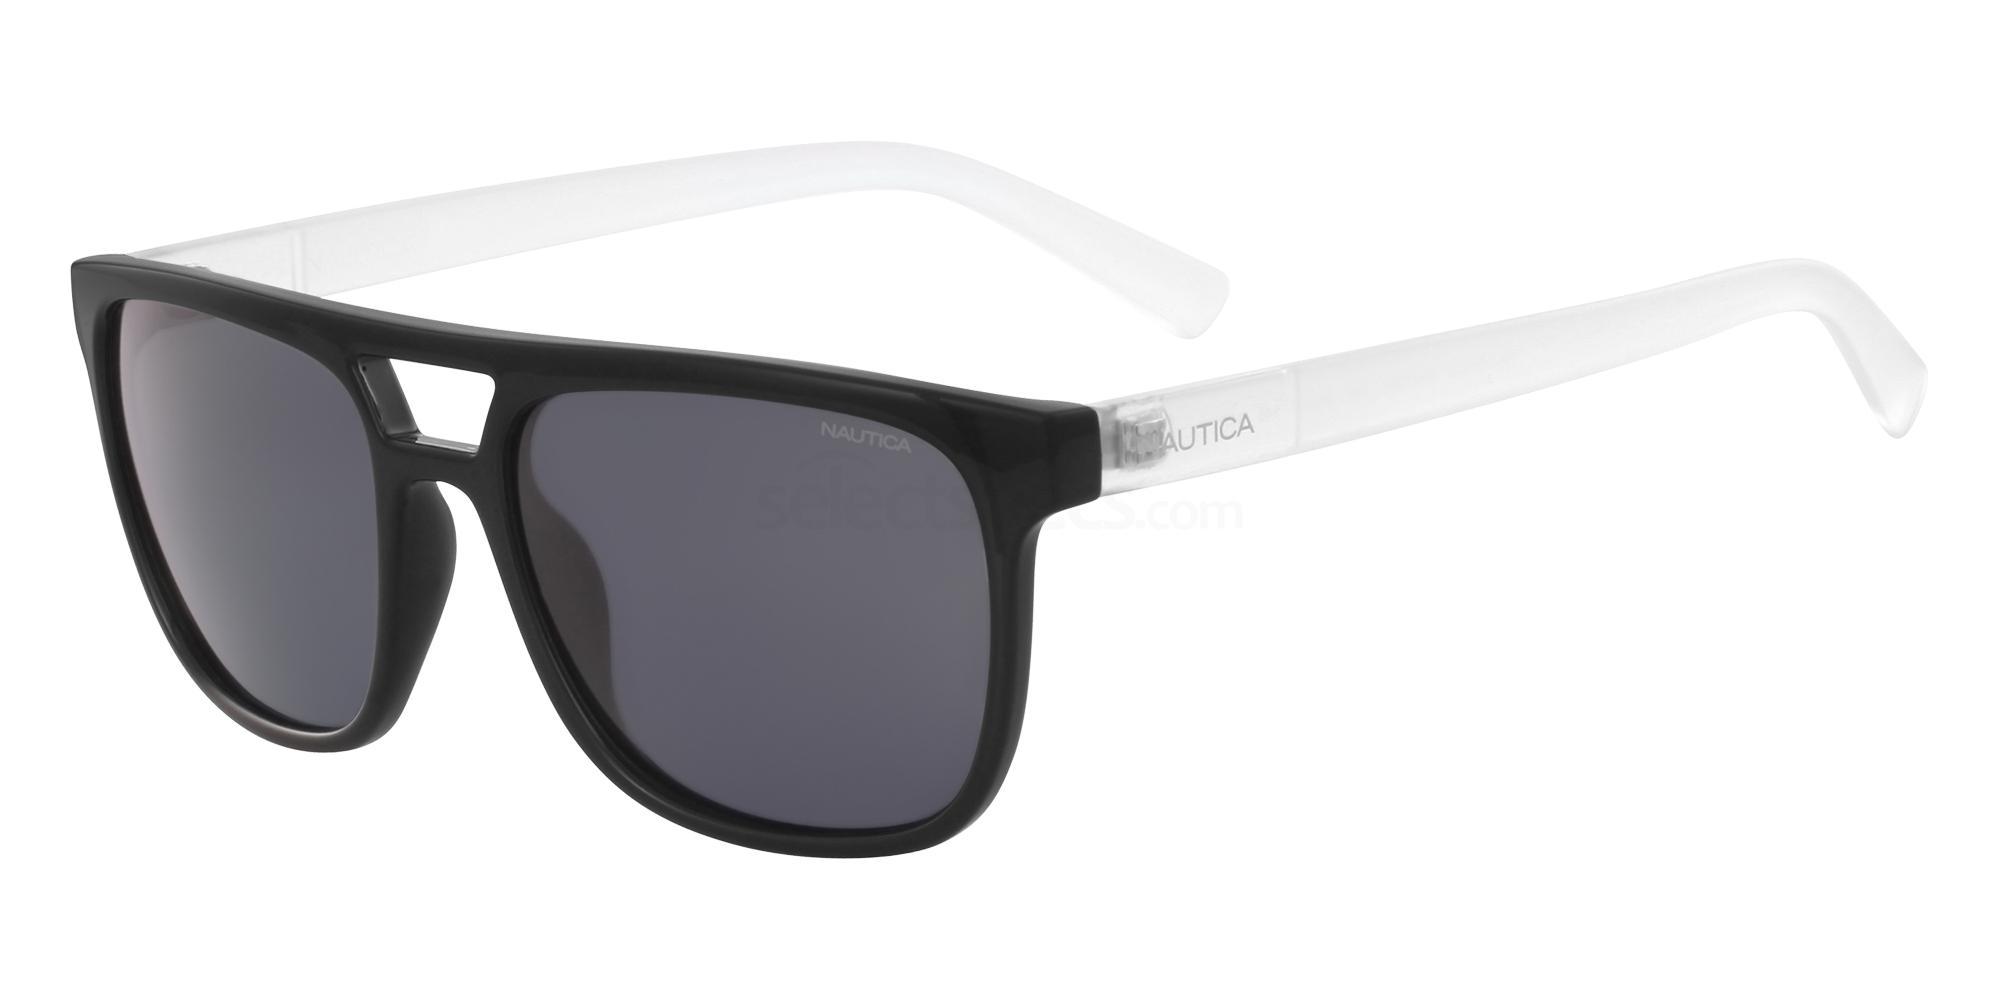 001 N3633SP Sunglasses, Nautica